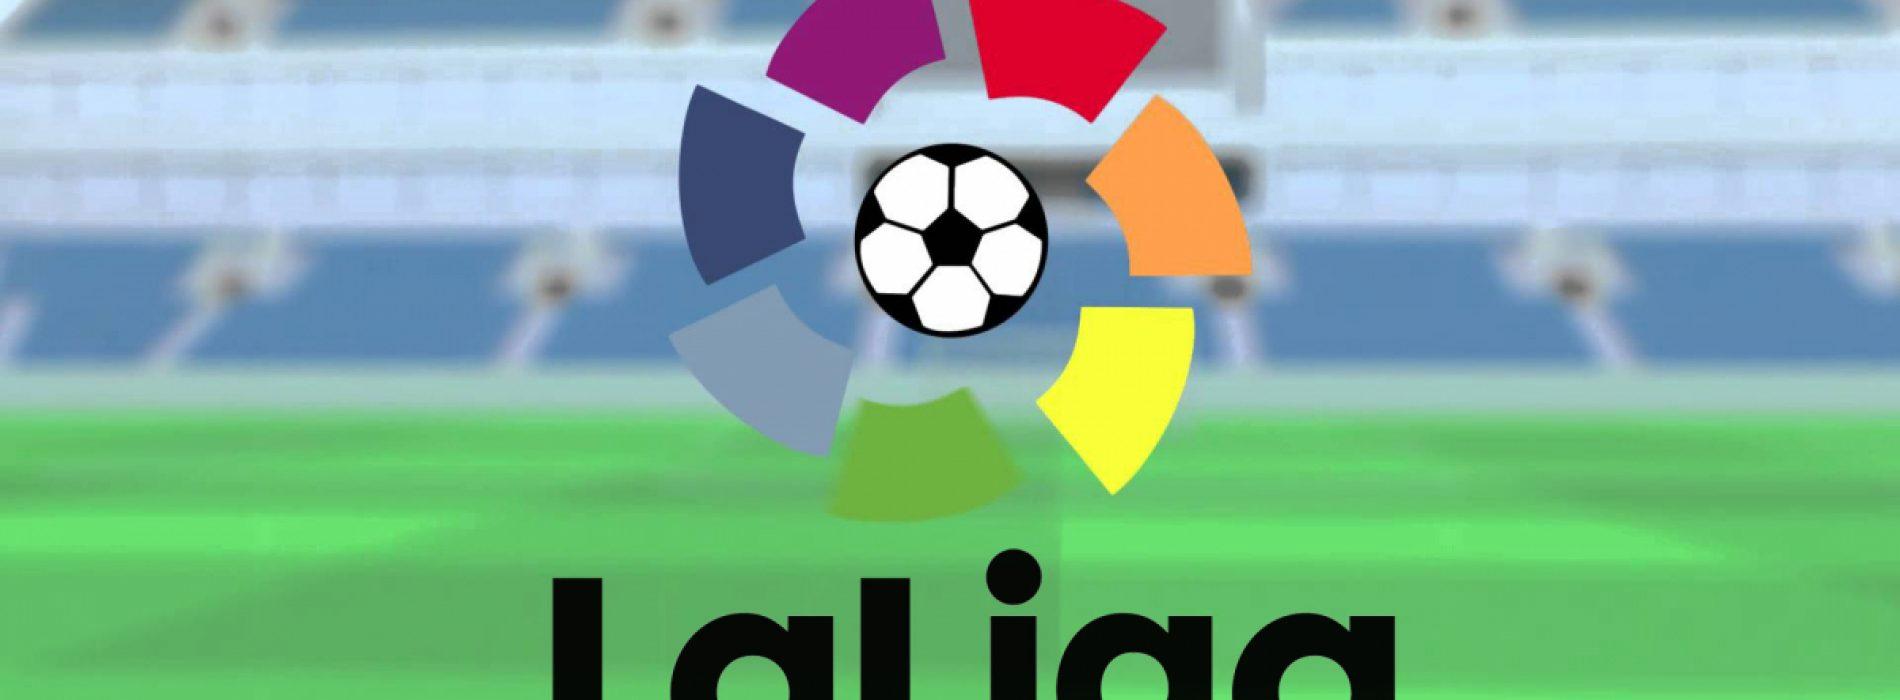 Doyen Sports Investments nei guai, nel mirino Atletico e altri club della Liga